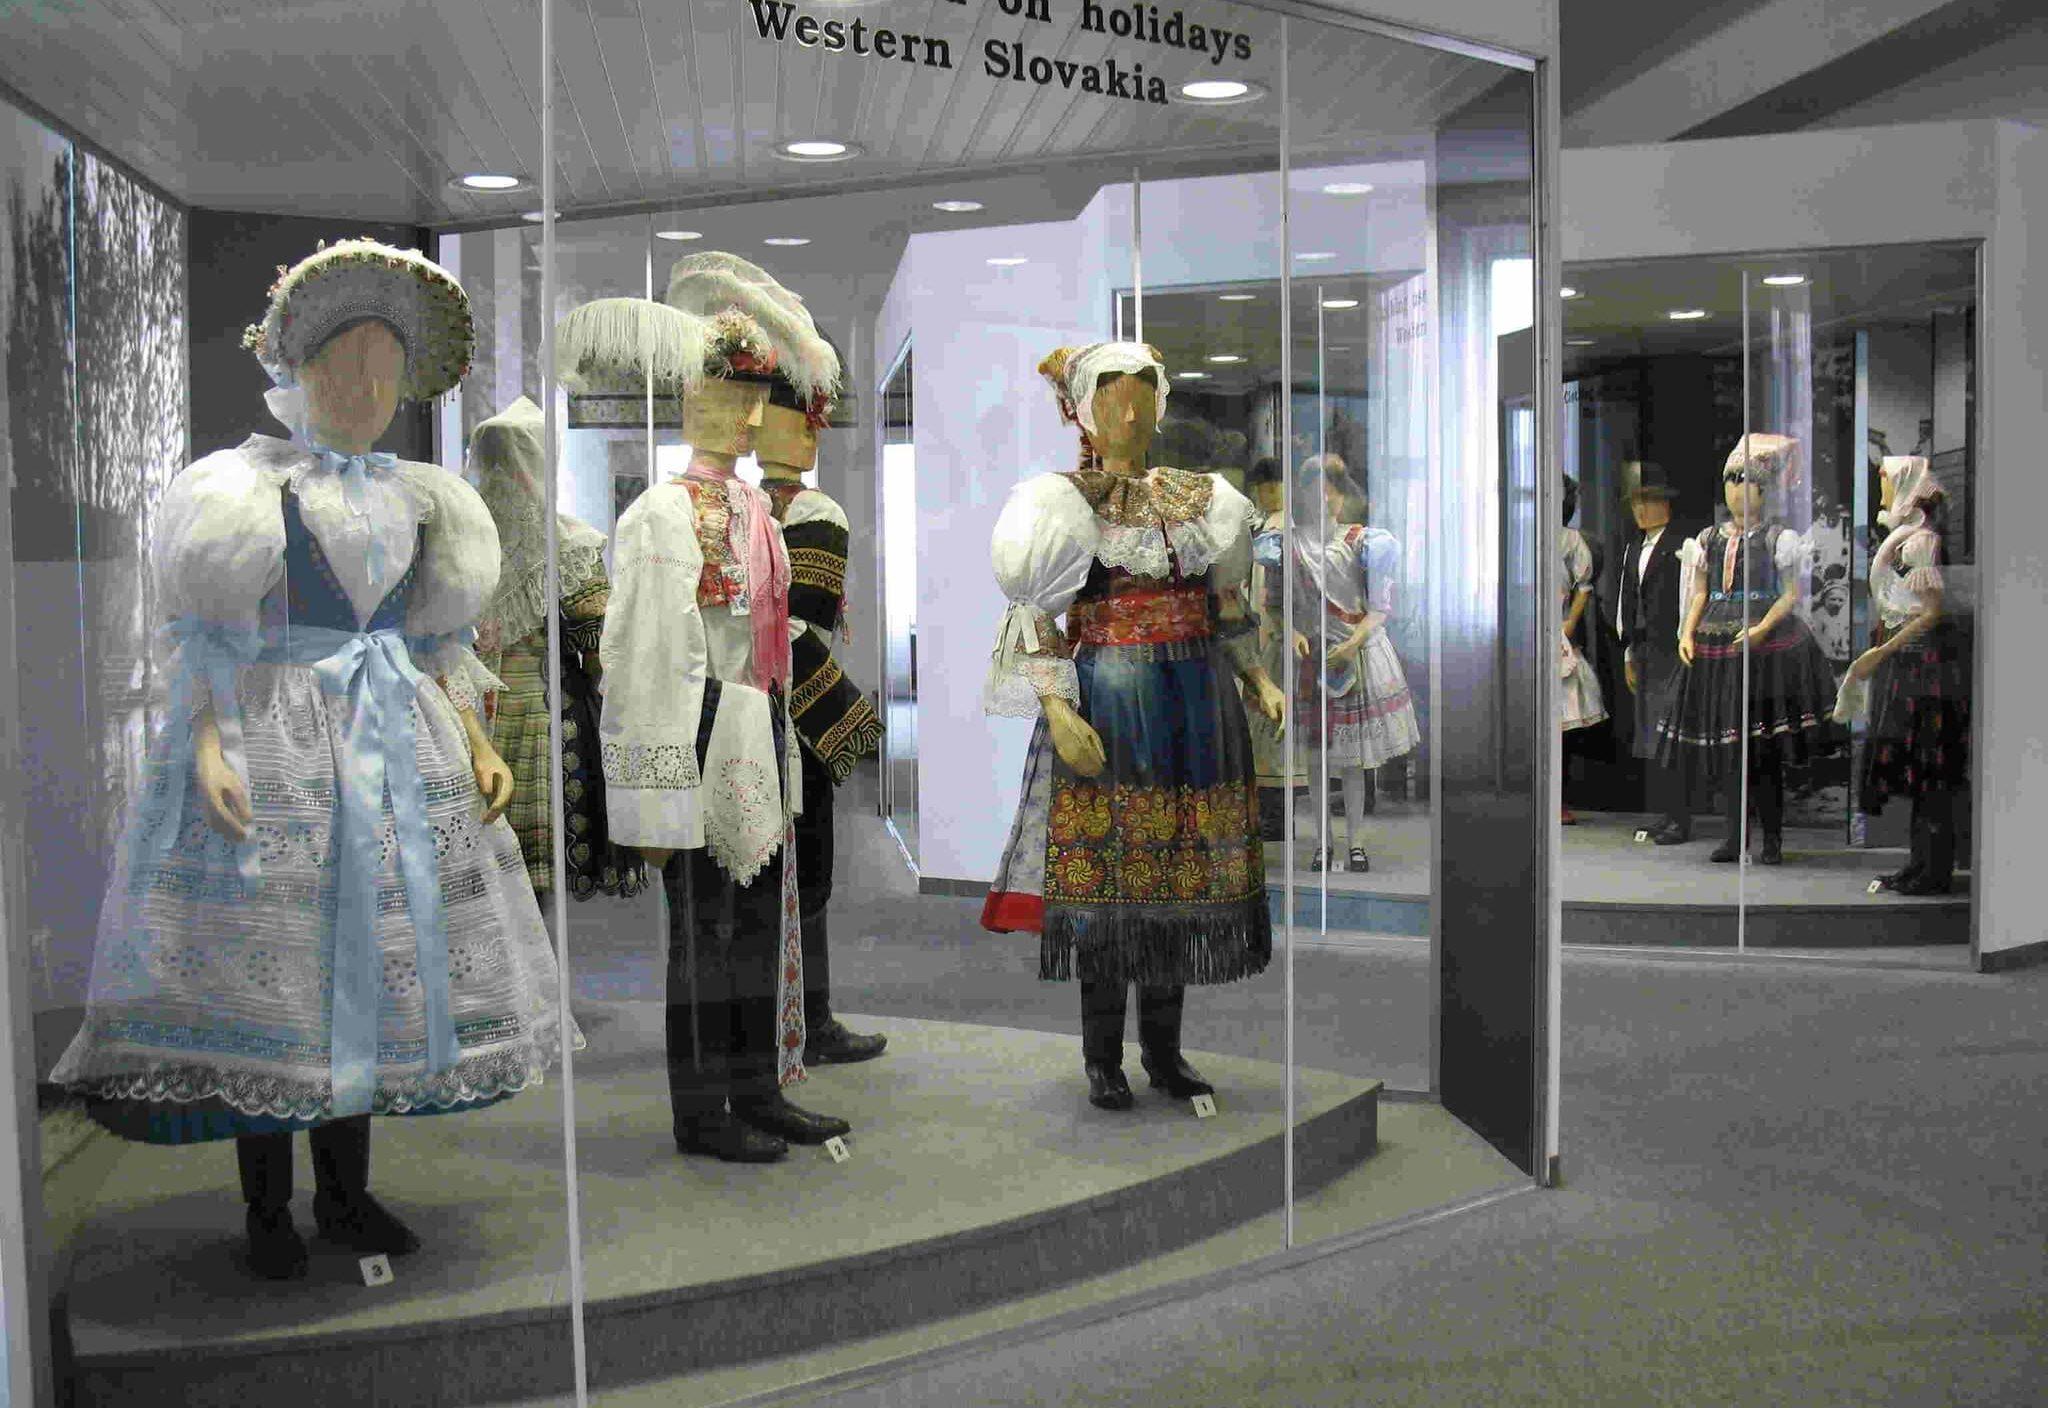 Sviatočný odev západné Slovensko